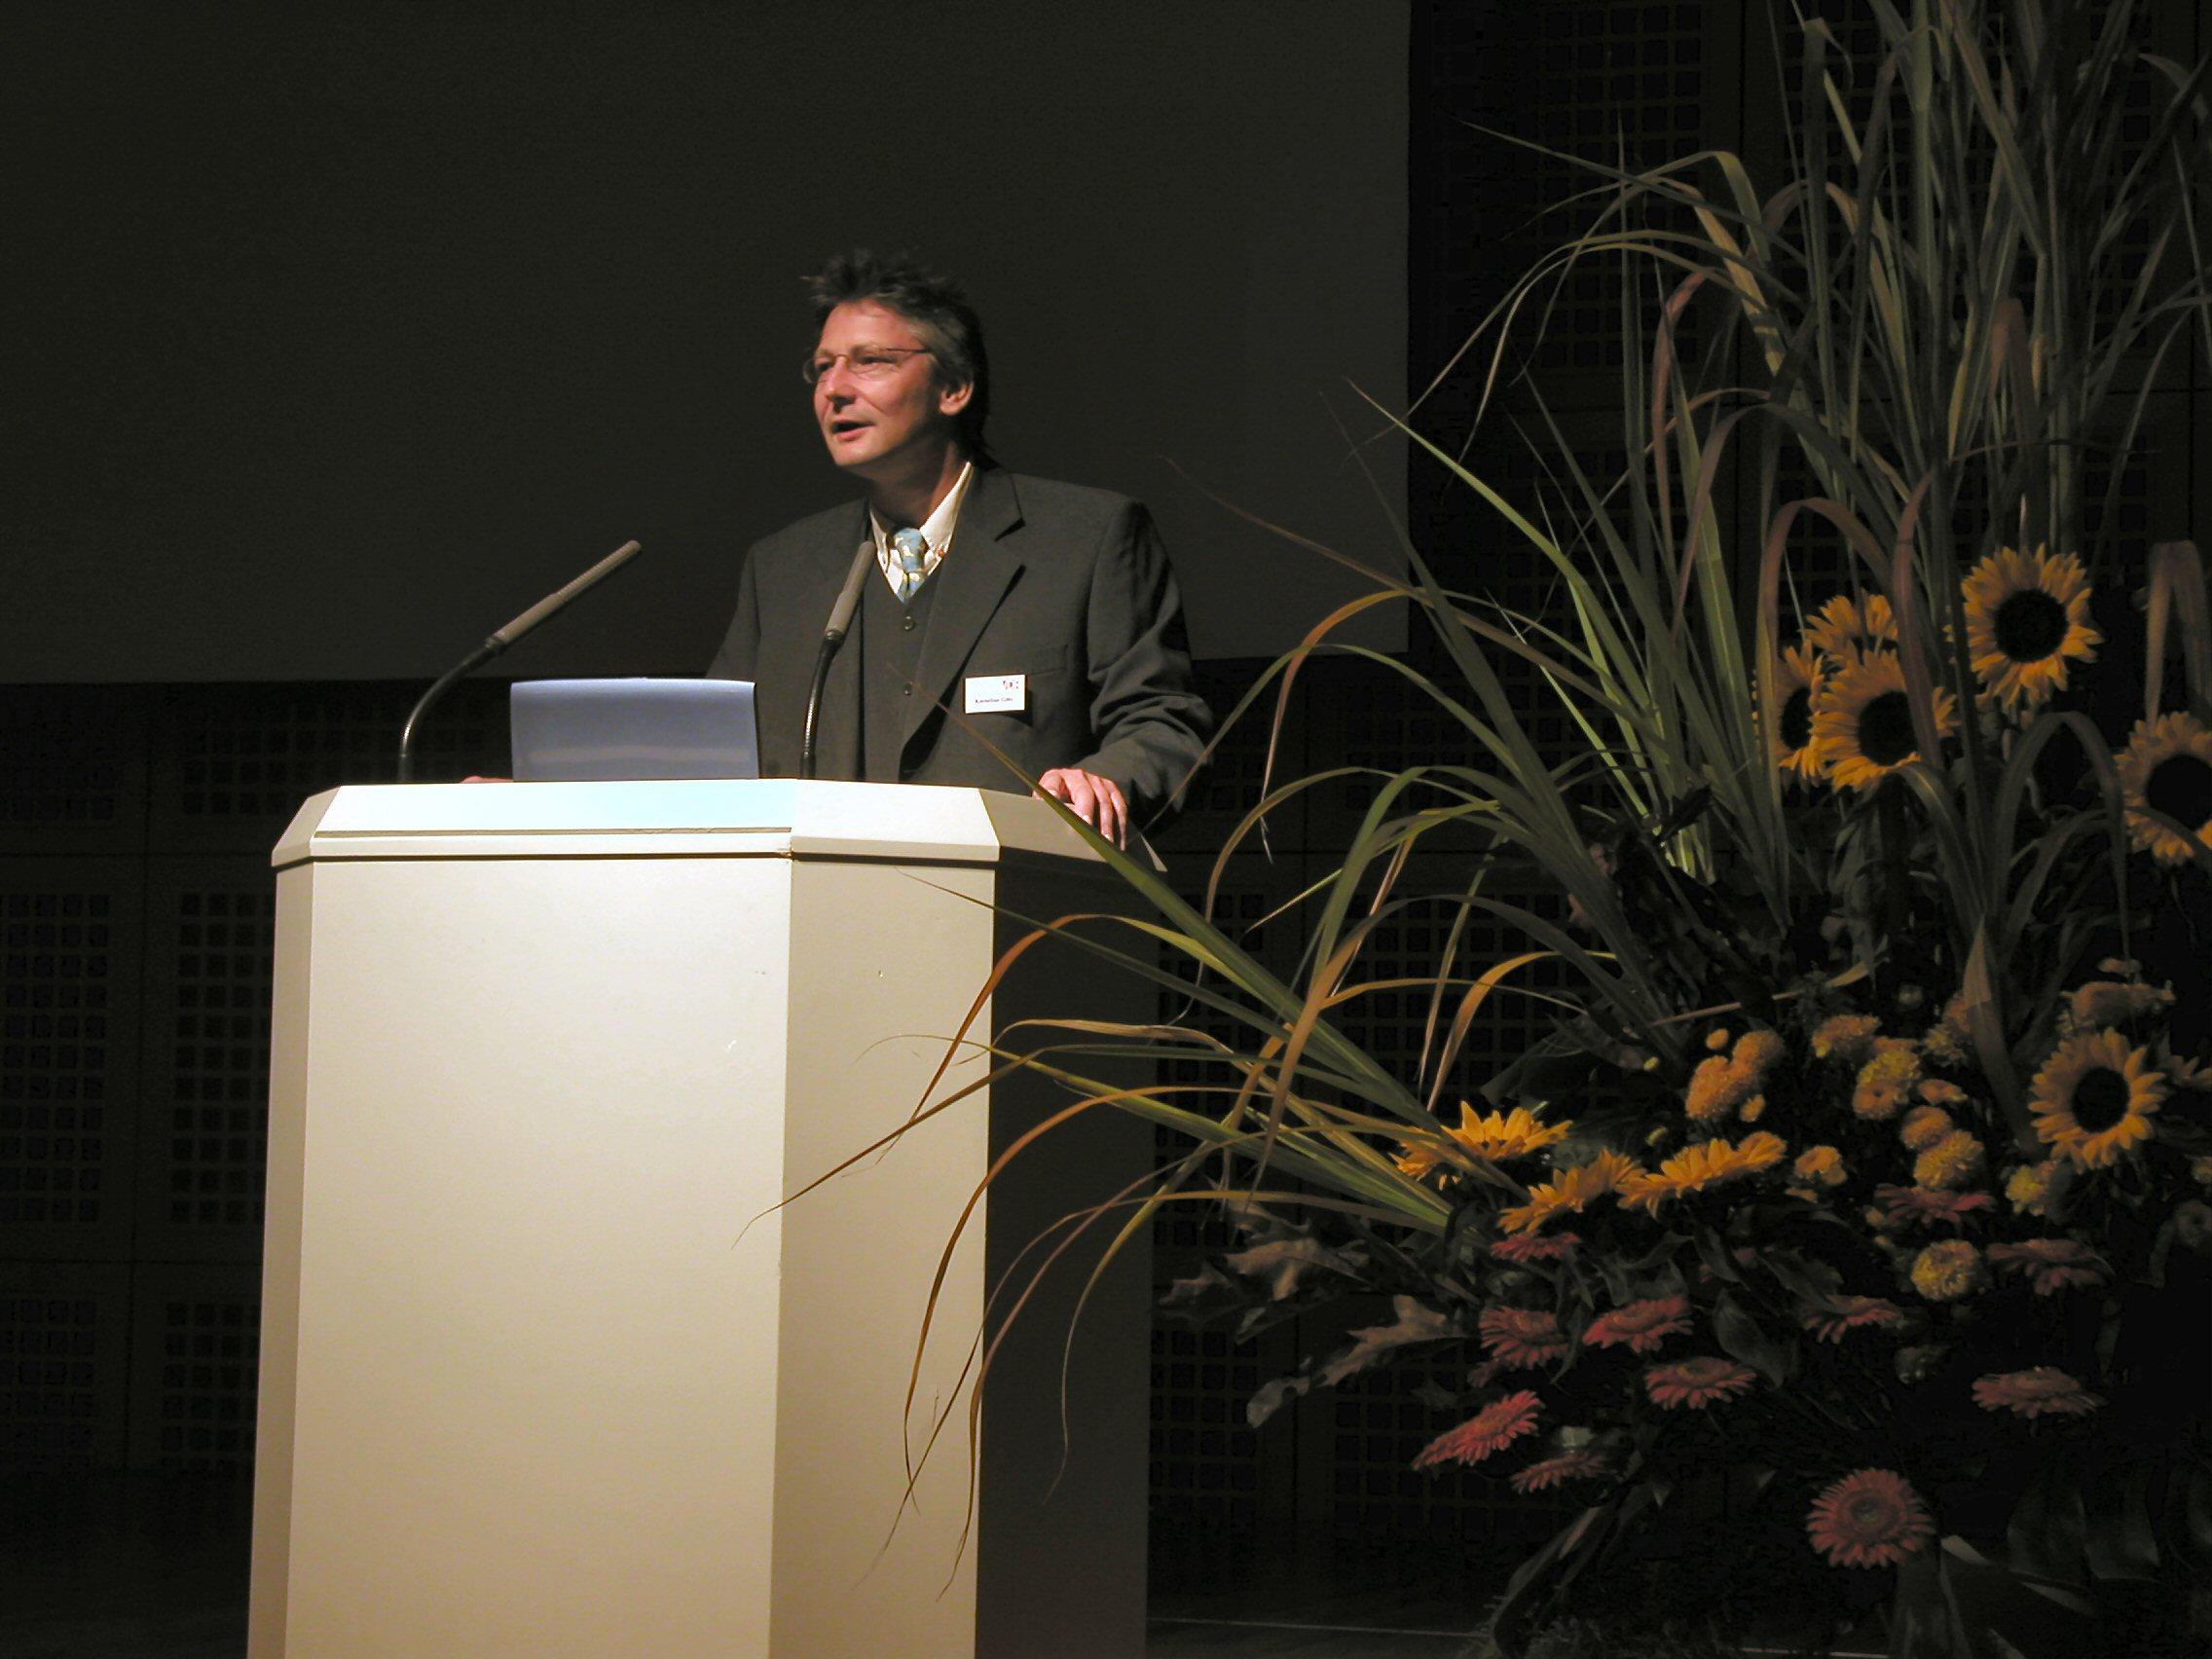 VDR-Präsident Kornelius Götz 2003 bei der VDR-Tagung in Düsseldorf.